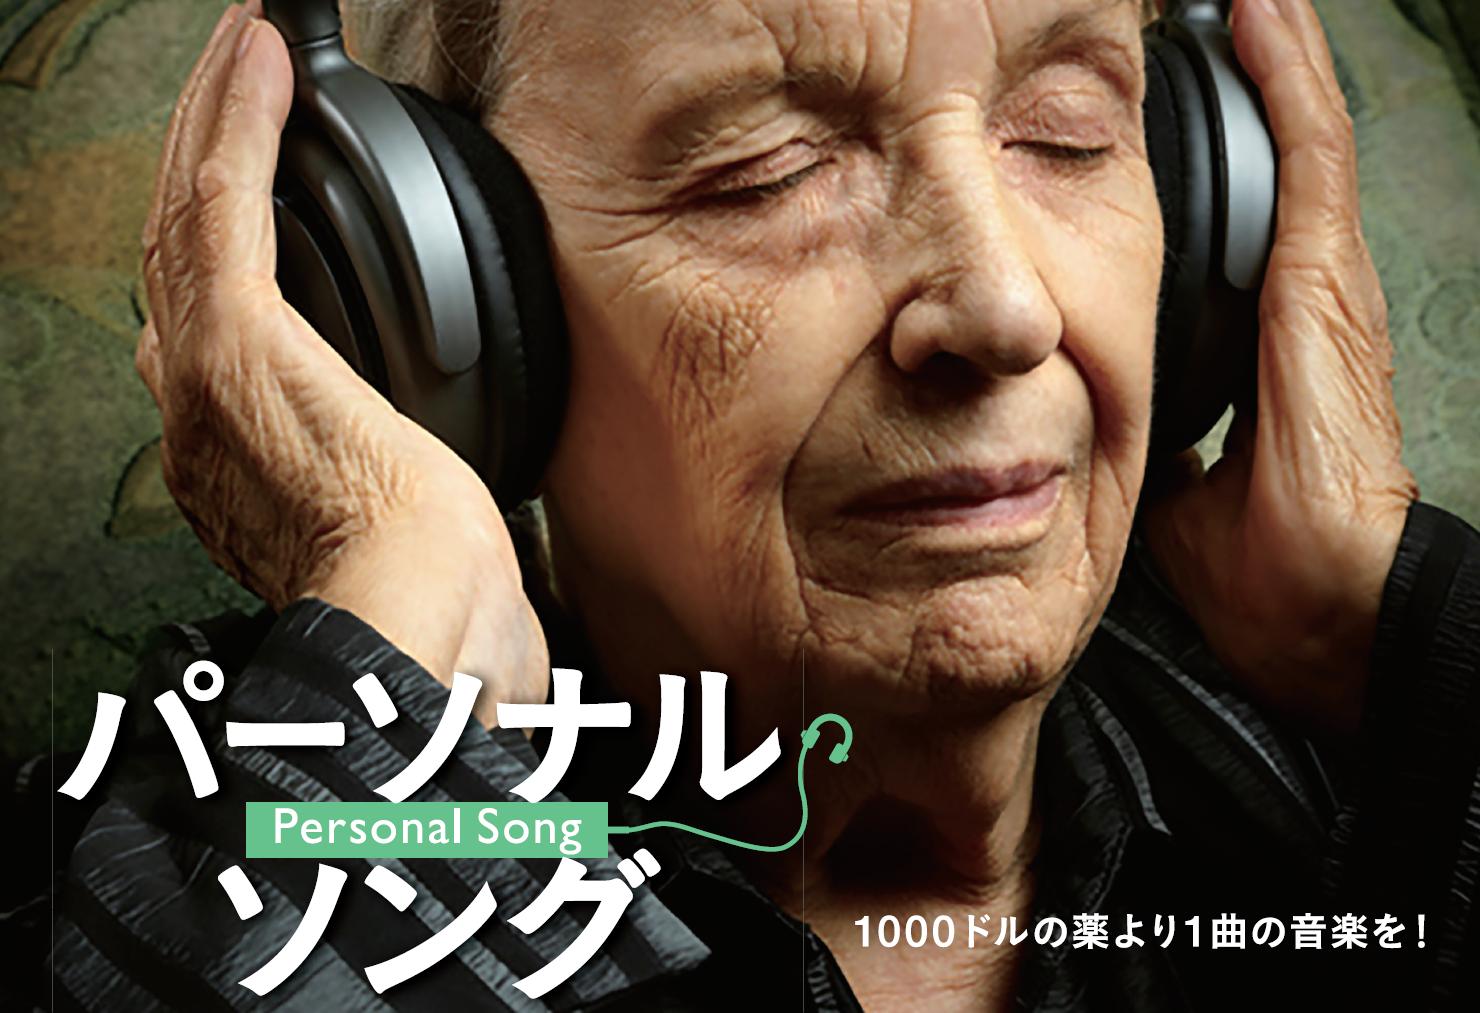 1000ドルの薬より1曲の音楽を! 音楽による認知症ケアを描いたドキュメンタリー映画『パーソナル・ソング』の上映イベントを、都立多摩図書館で9月30日開催